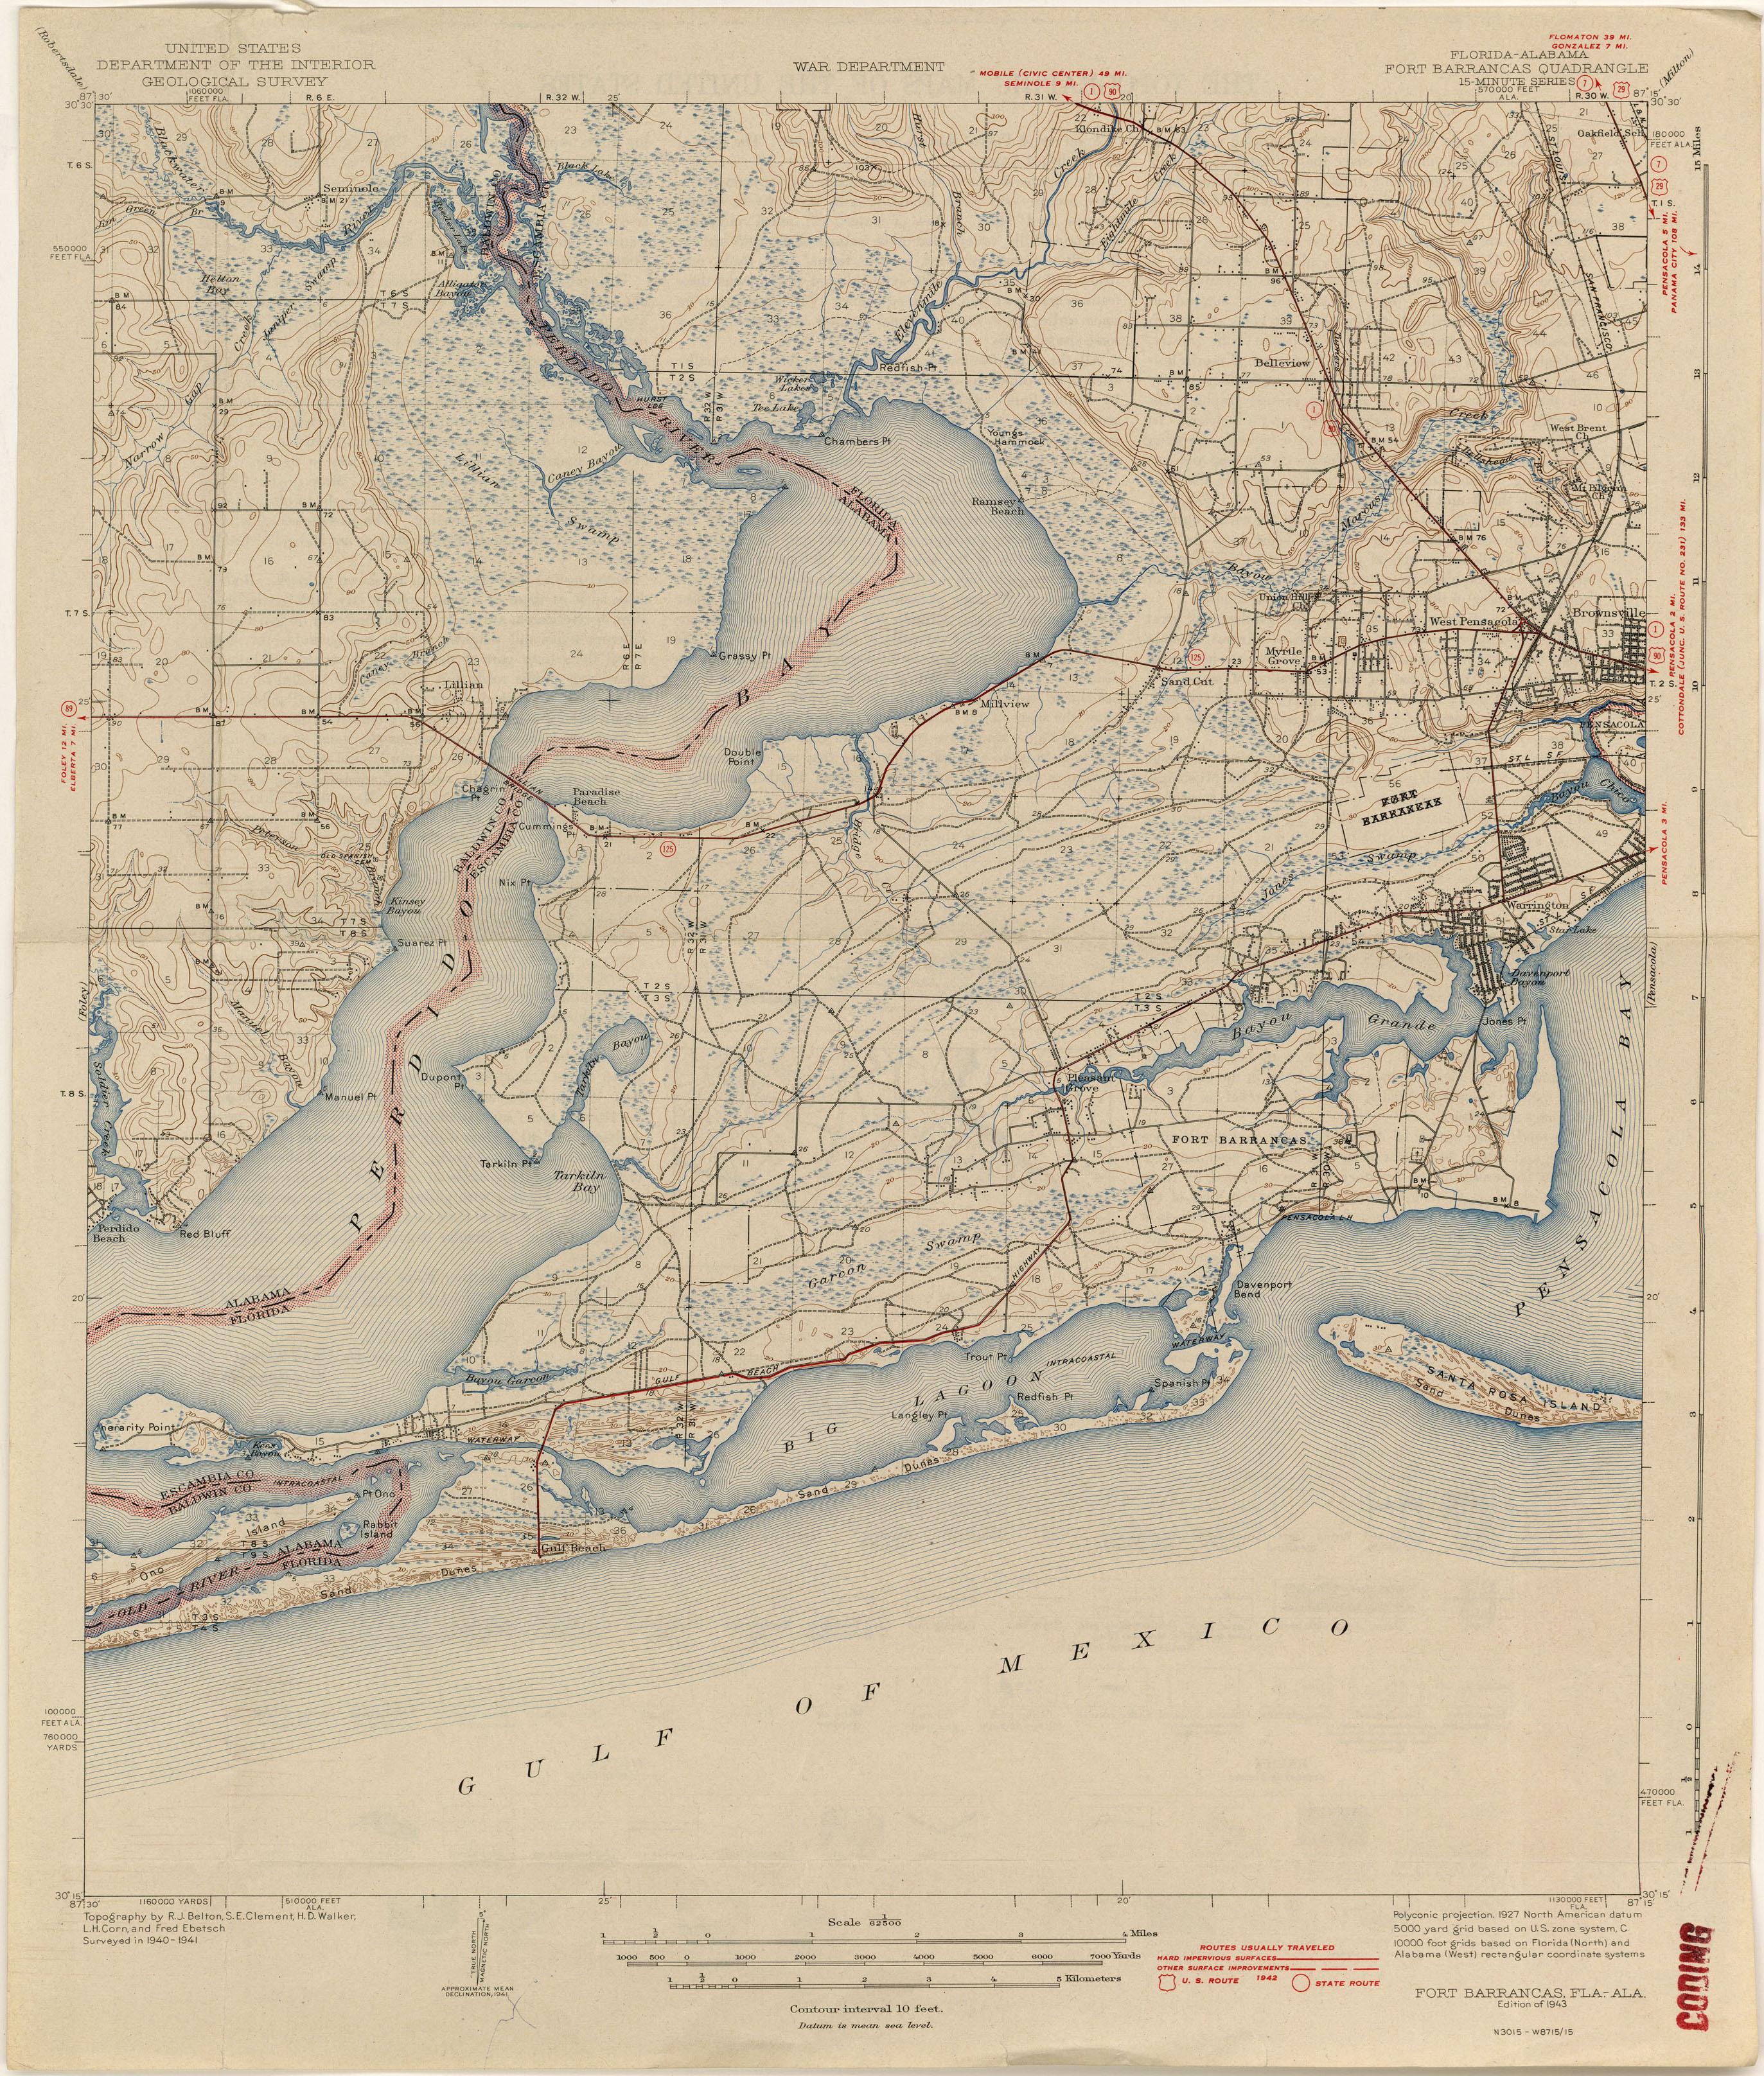 Florida Historical Topographic Maps - Perry-Castañeda Map Collection - Printable Map Of Pensacola Florida